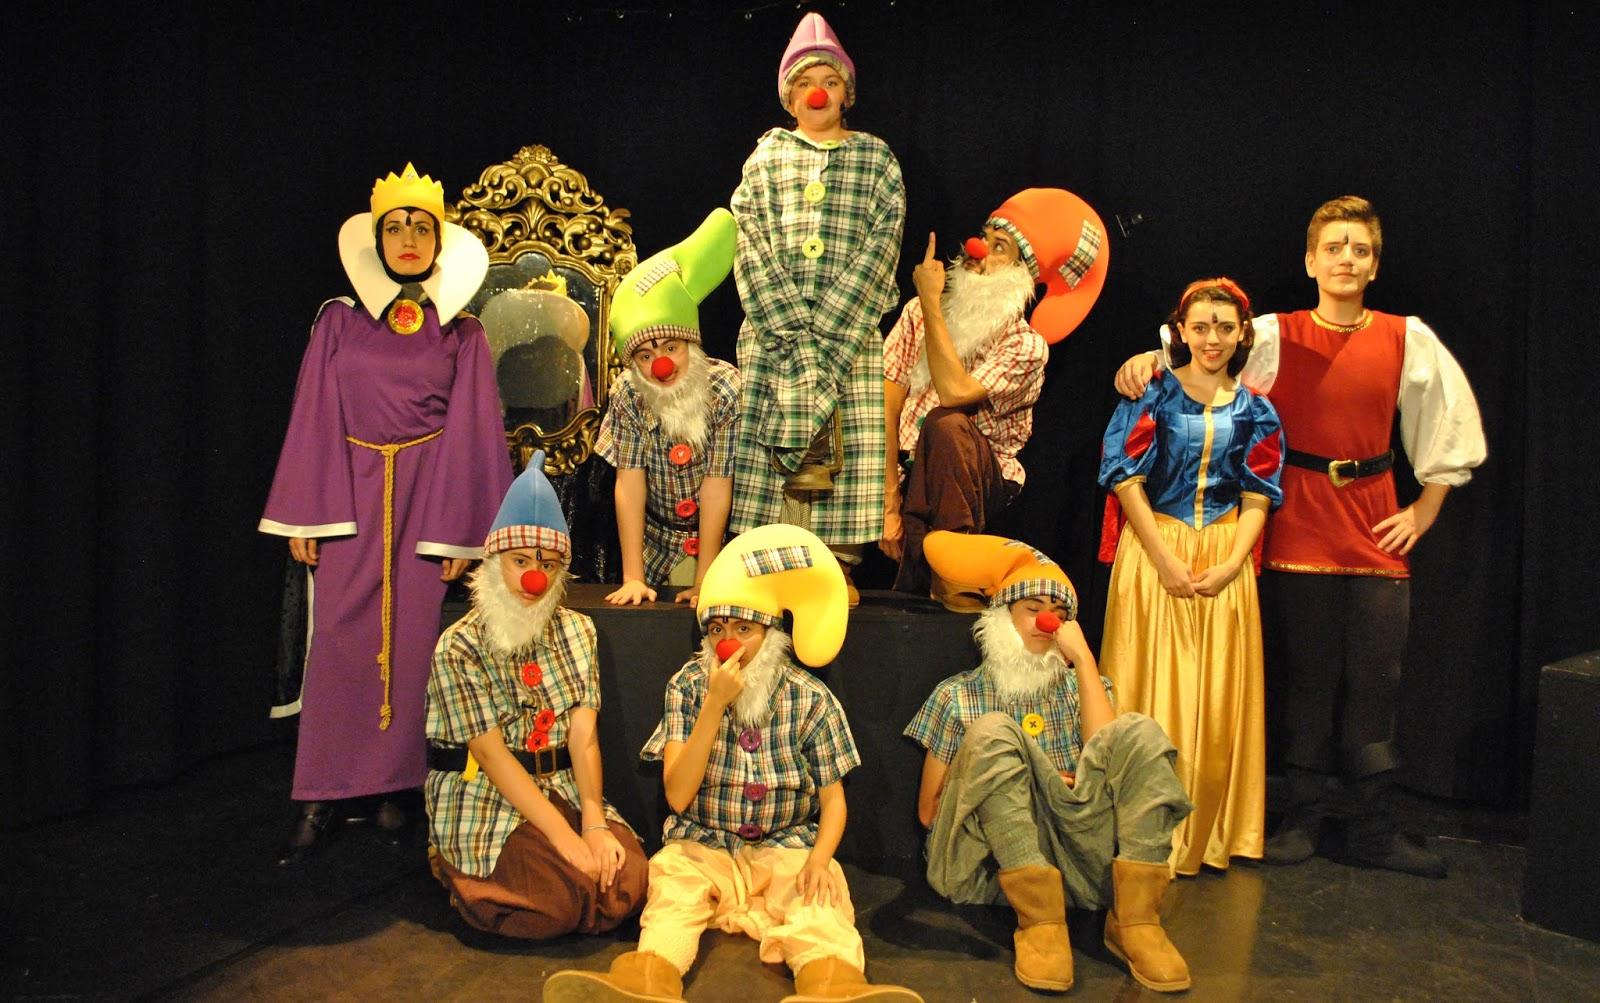 Teatro 'Blancanieves y los siete enanitos, El musical' en Teatro Tarambana (Madrid)